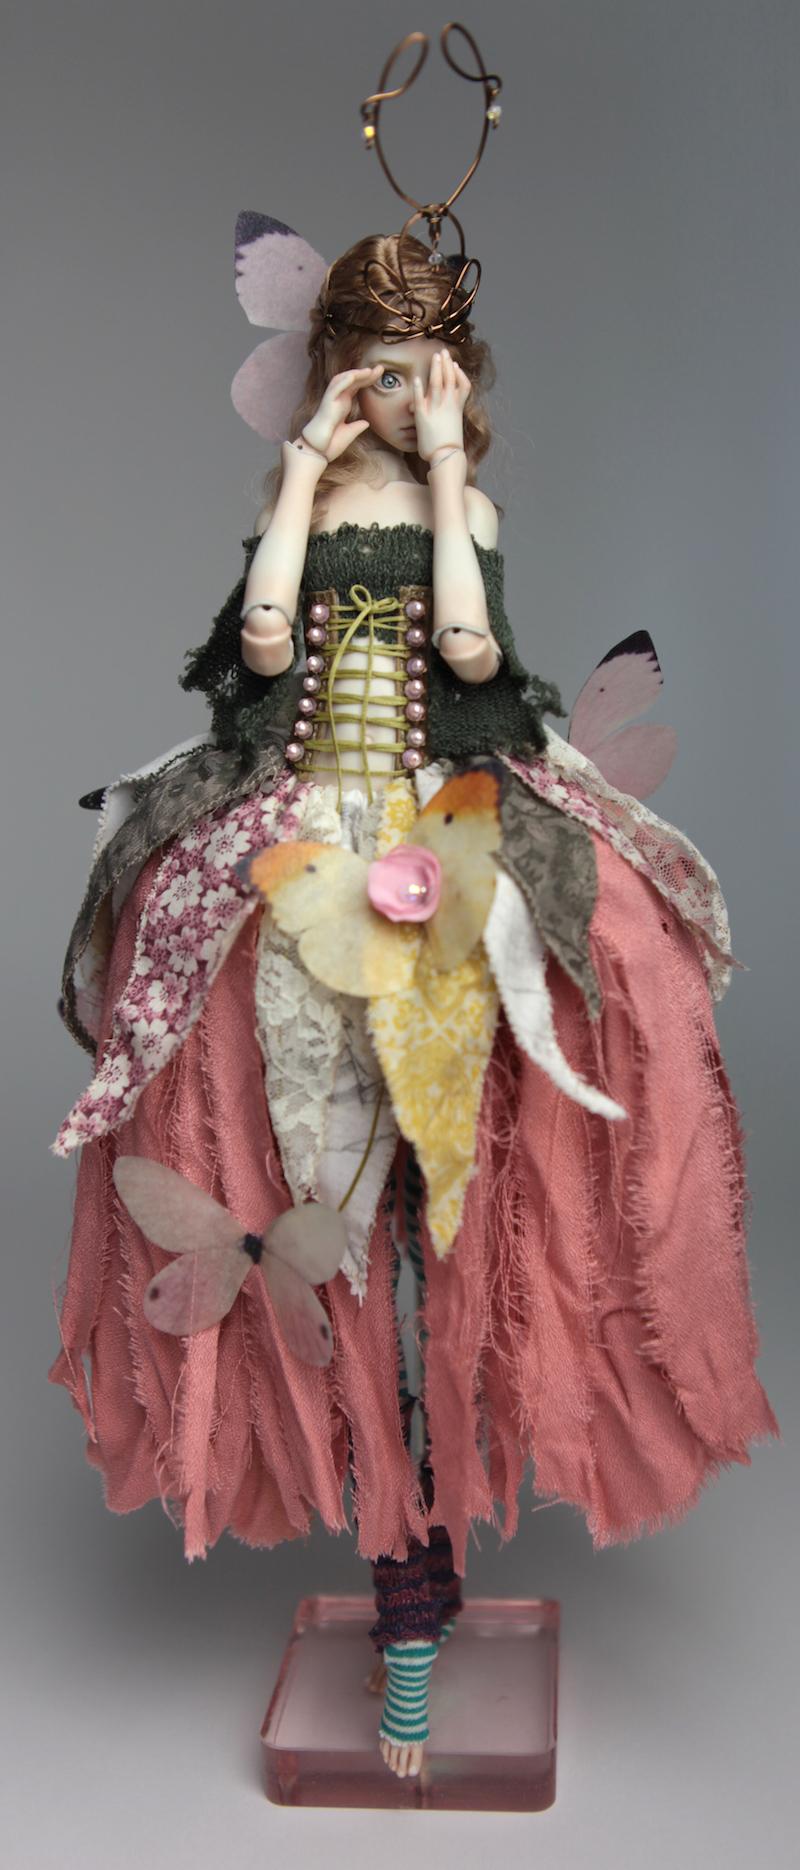 BJD Doll Ball Jointed Fairy Ova Sphinx 2018 9 15 Porcelain BJD Fairy Doll, Sphinx